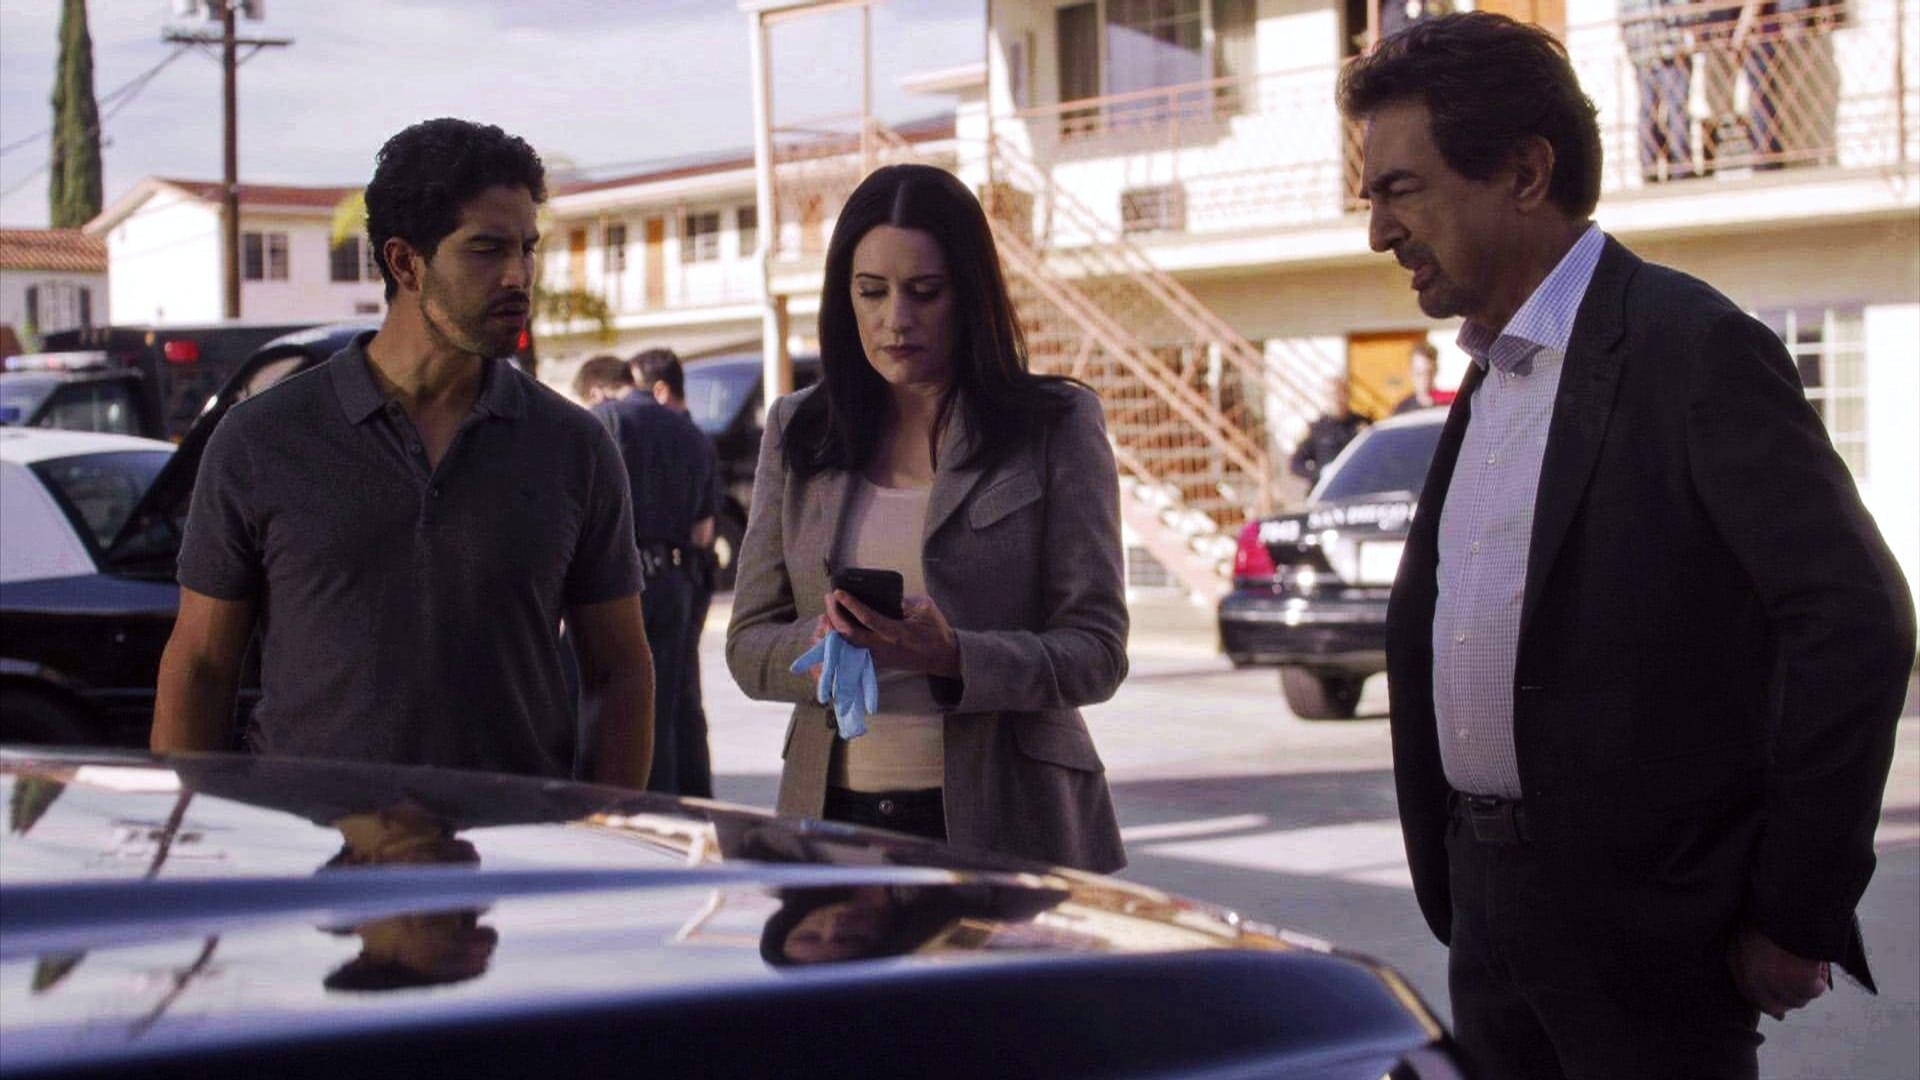 Criminal Minds - Season 12 Episode 10 : Seek and Destroy